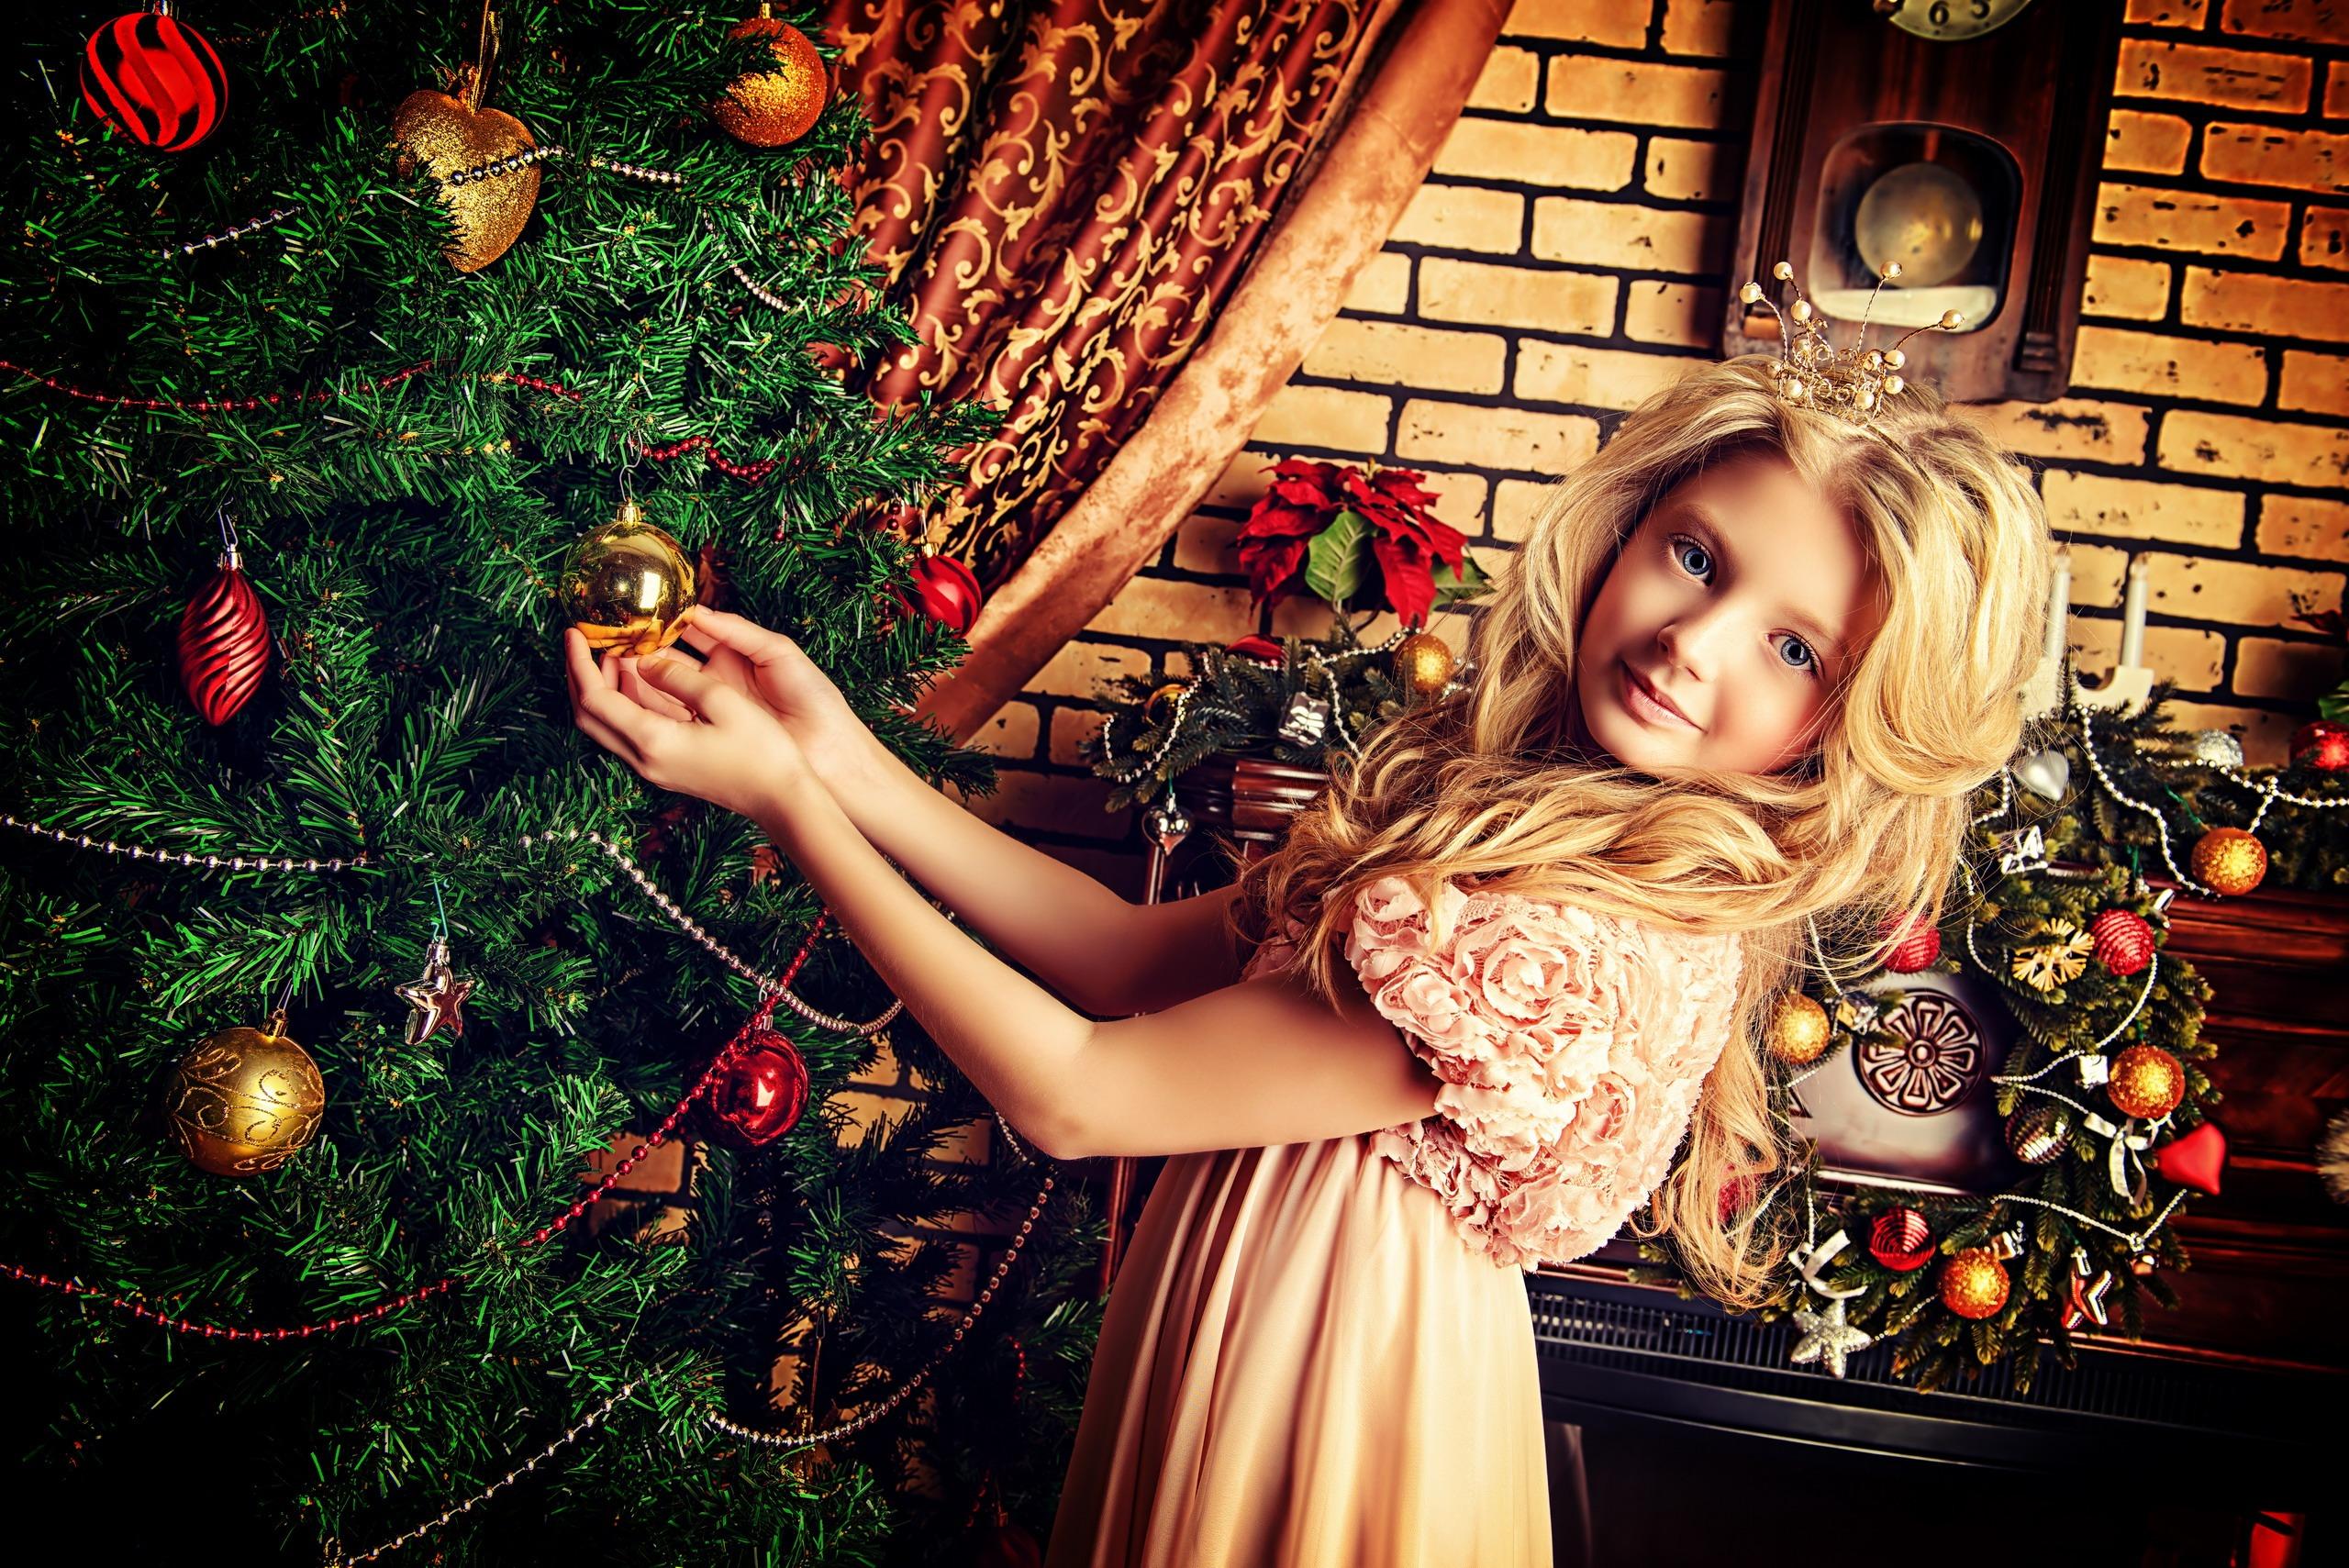 Прикольные картинки детей на новый год